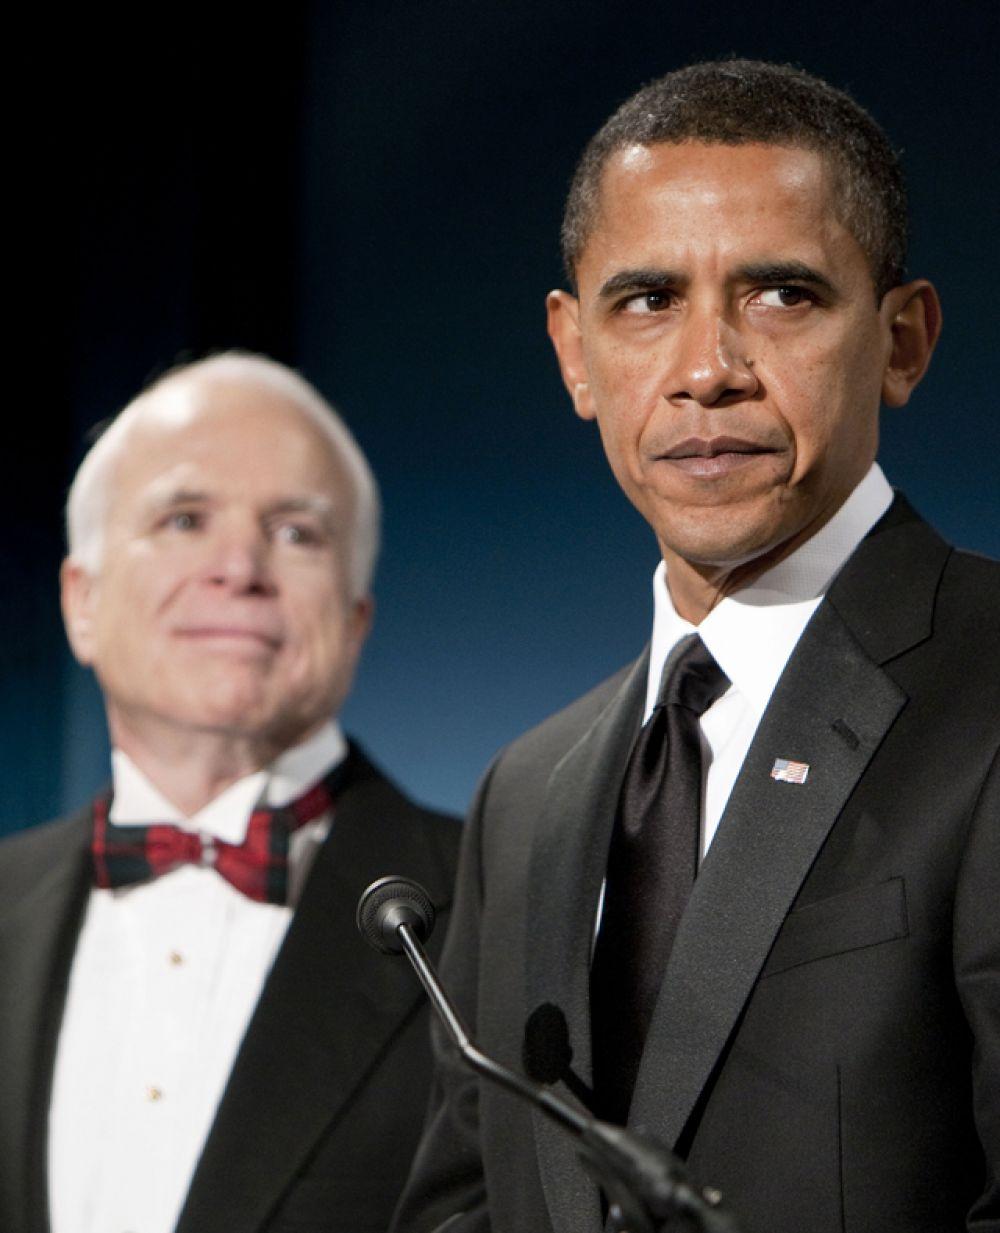 В 2008 году Джон Маккейн стал кандидатом в президенты США от Республиканской партии, но даже его сторонники откровенно признавали, что шансов в борьбе с чернокожим демократом Бараком Обамой у него немного. Так оно и вышло.